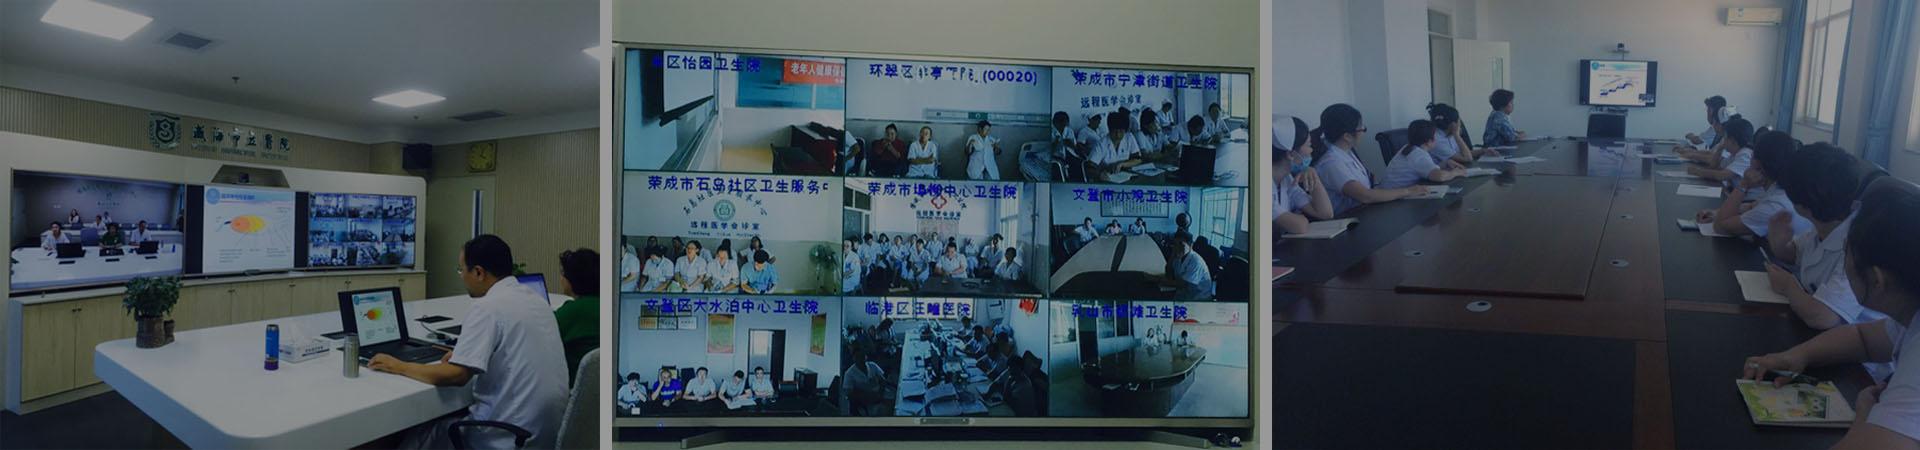 威海市远程视频会诊系统.jpg